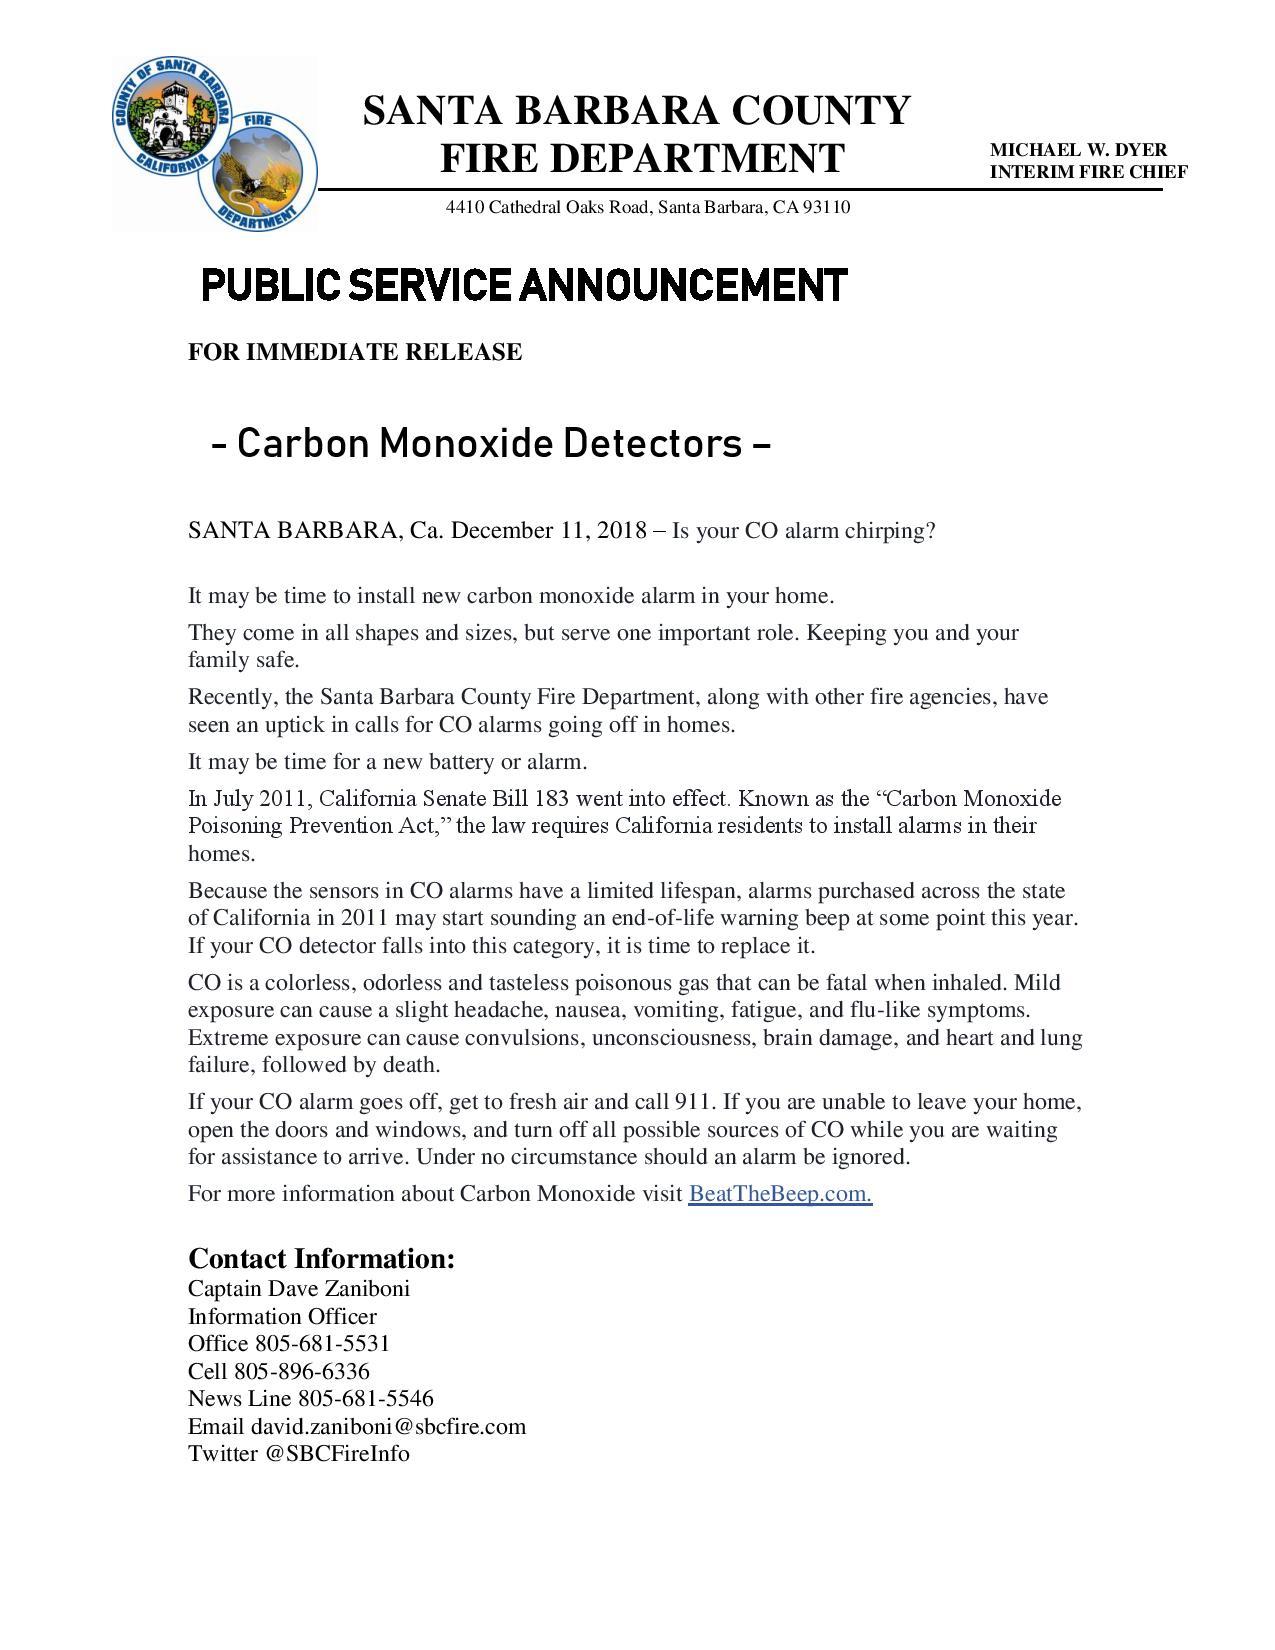 Carbon Monoxide Detectors-pg1